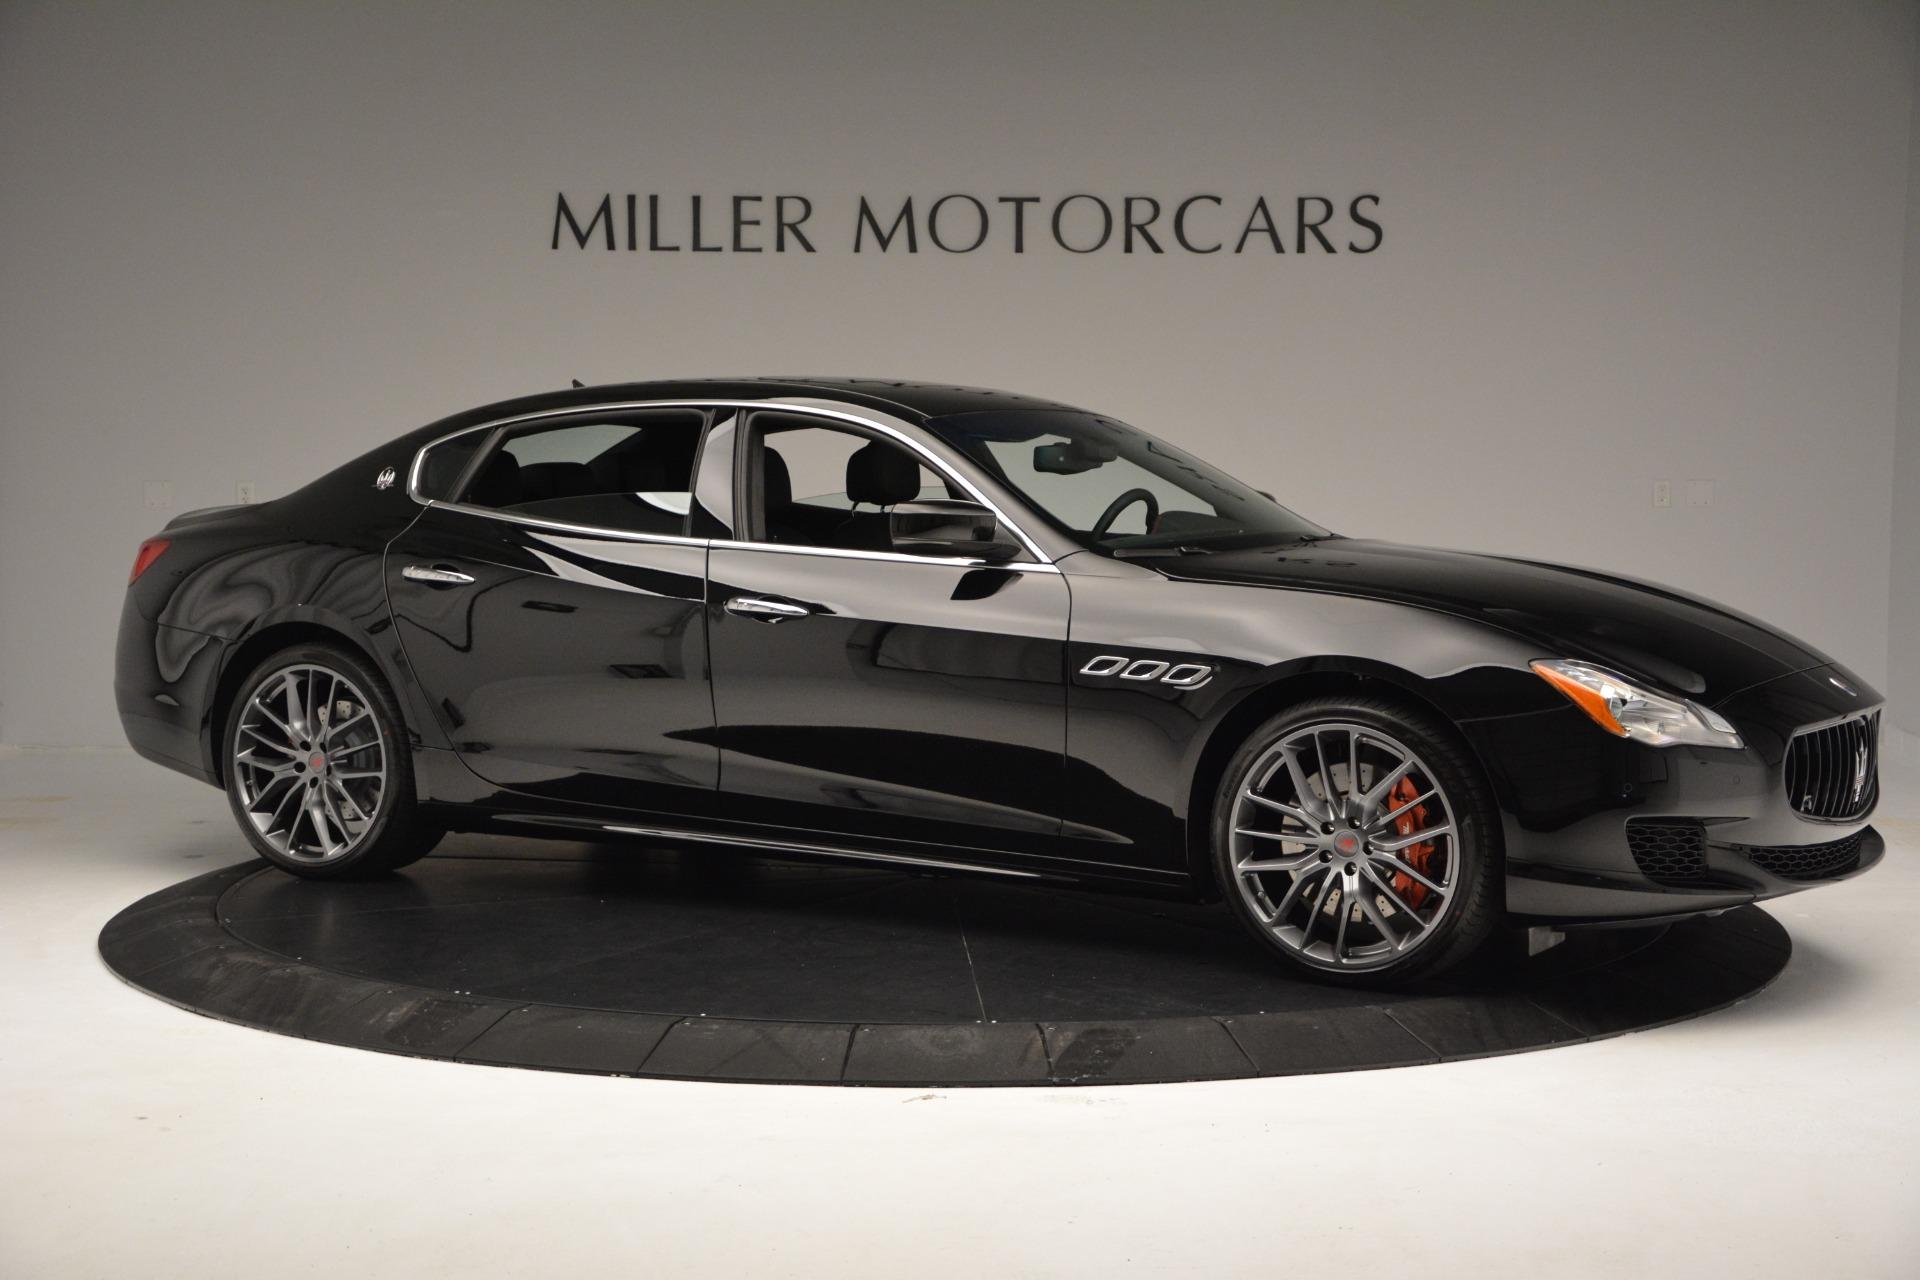 Used 2015 Maserati Quattroporte GTS For Sale In Greenwich, CT 2993_p10